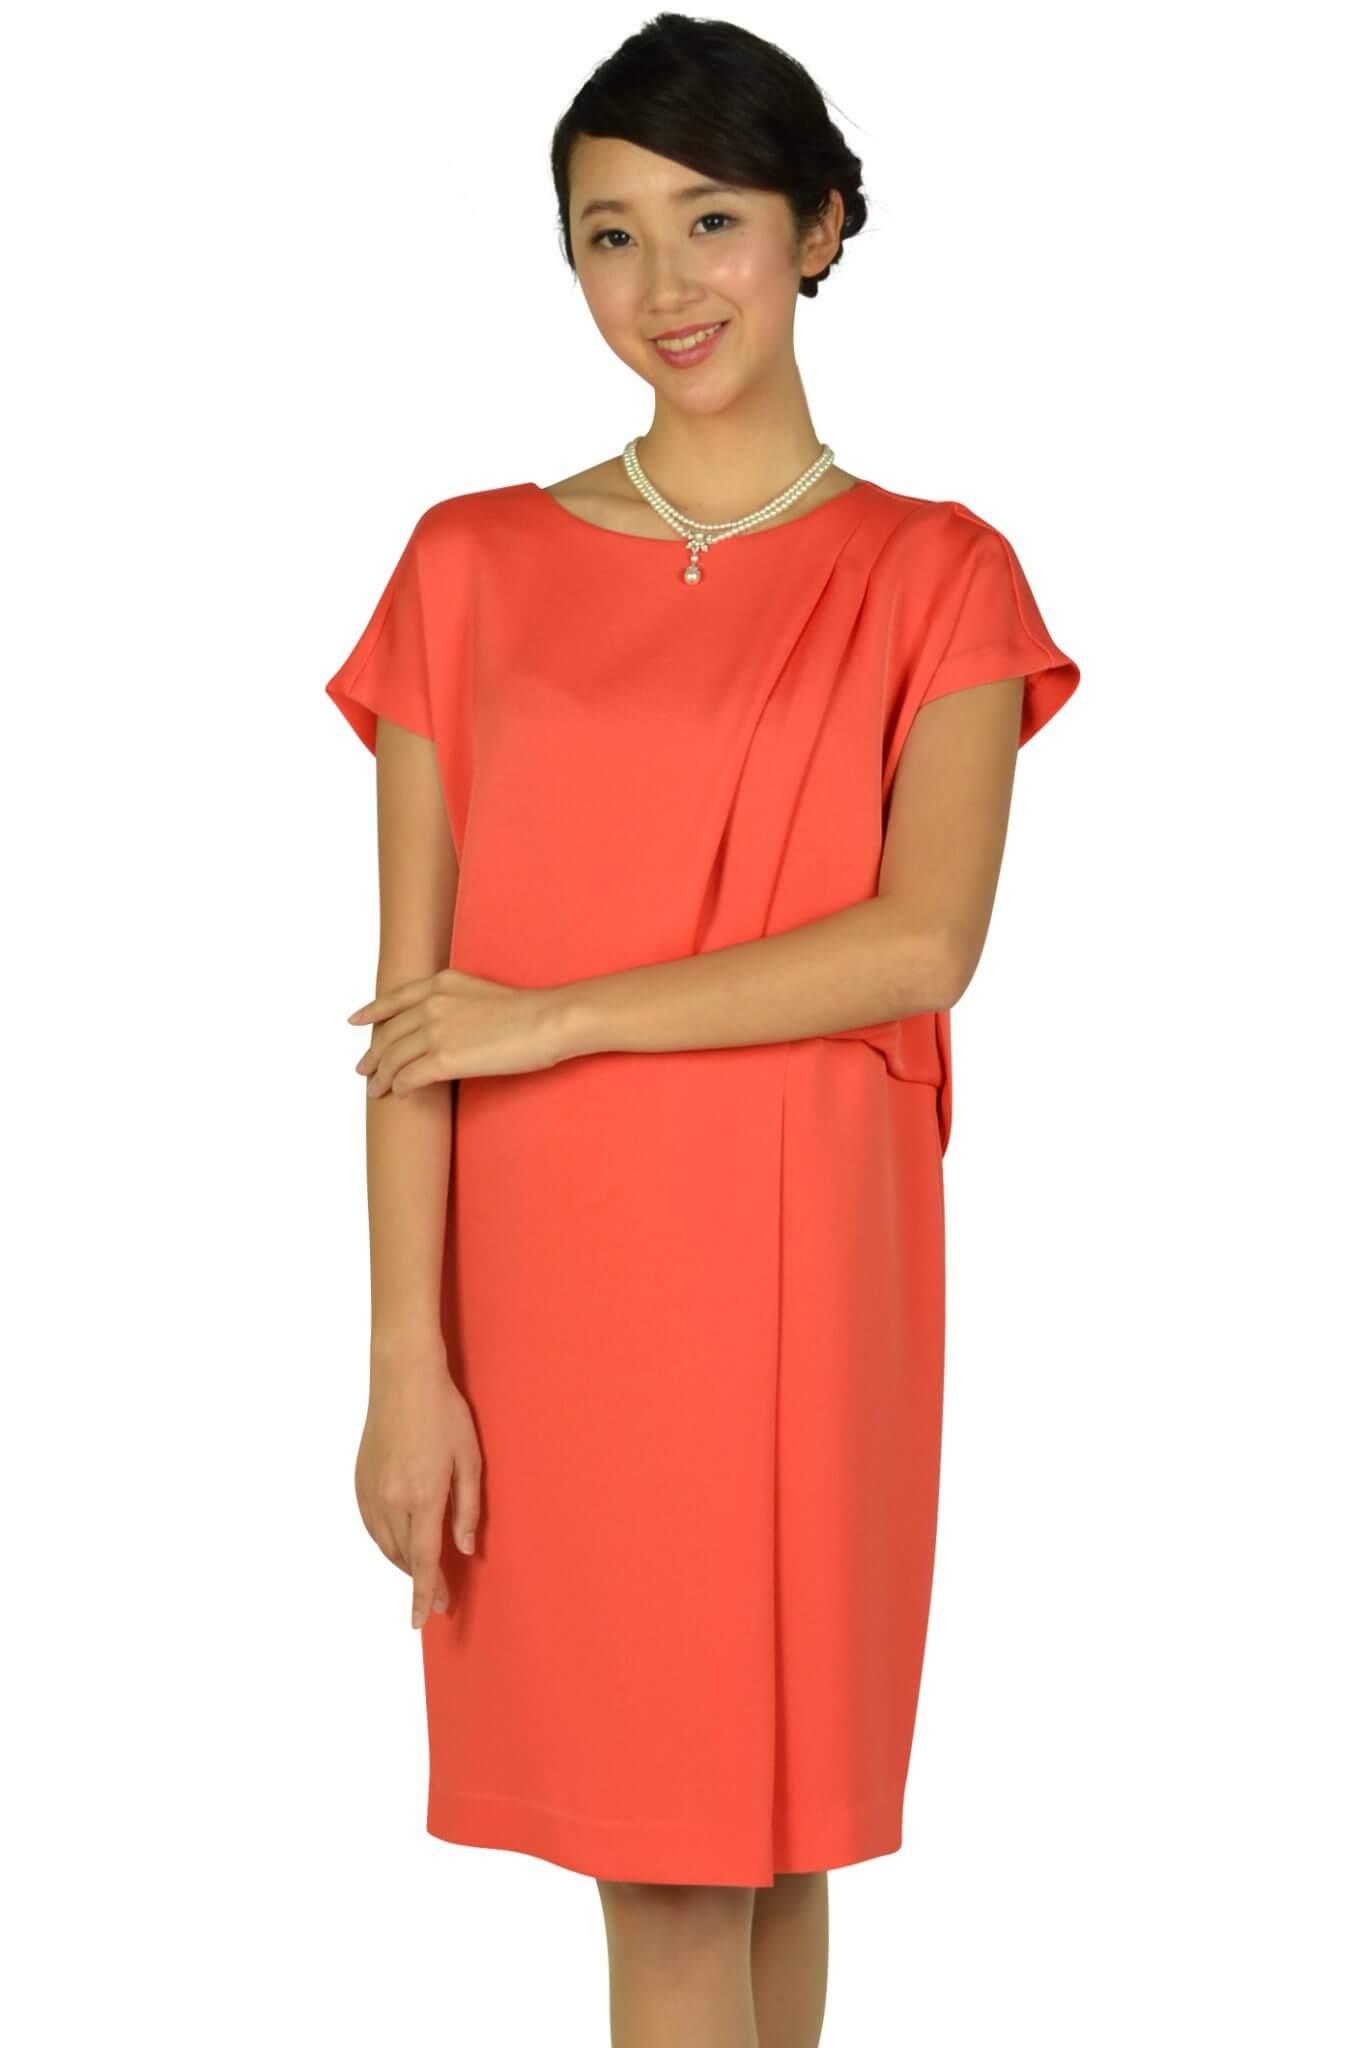 グレースクラス フレンチスリーブオレンジドレス